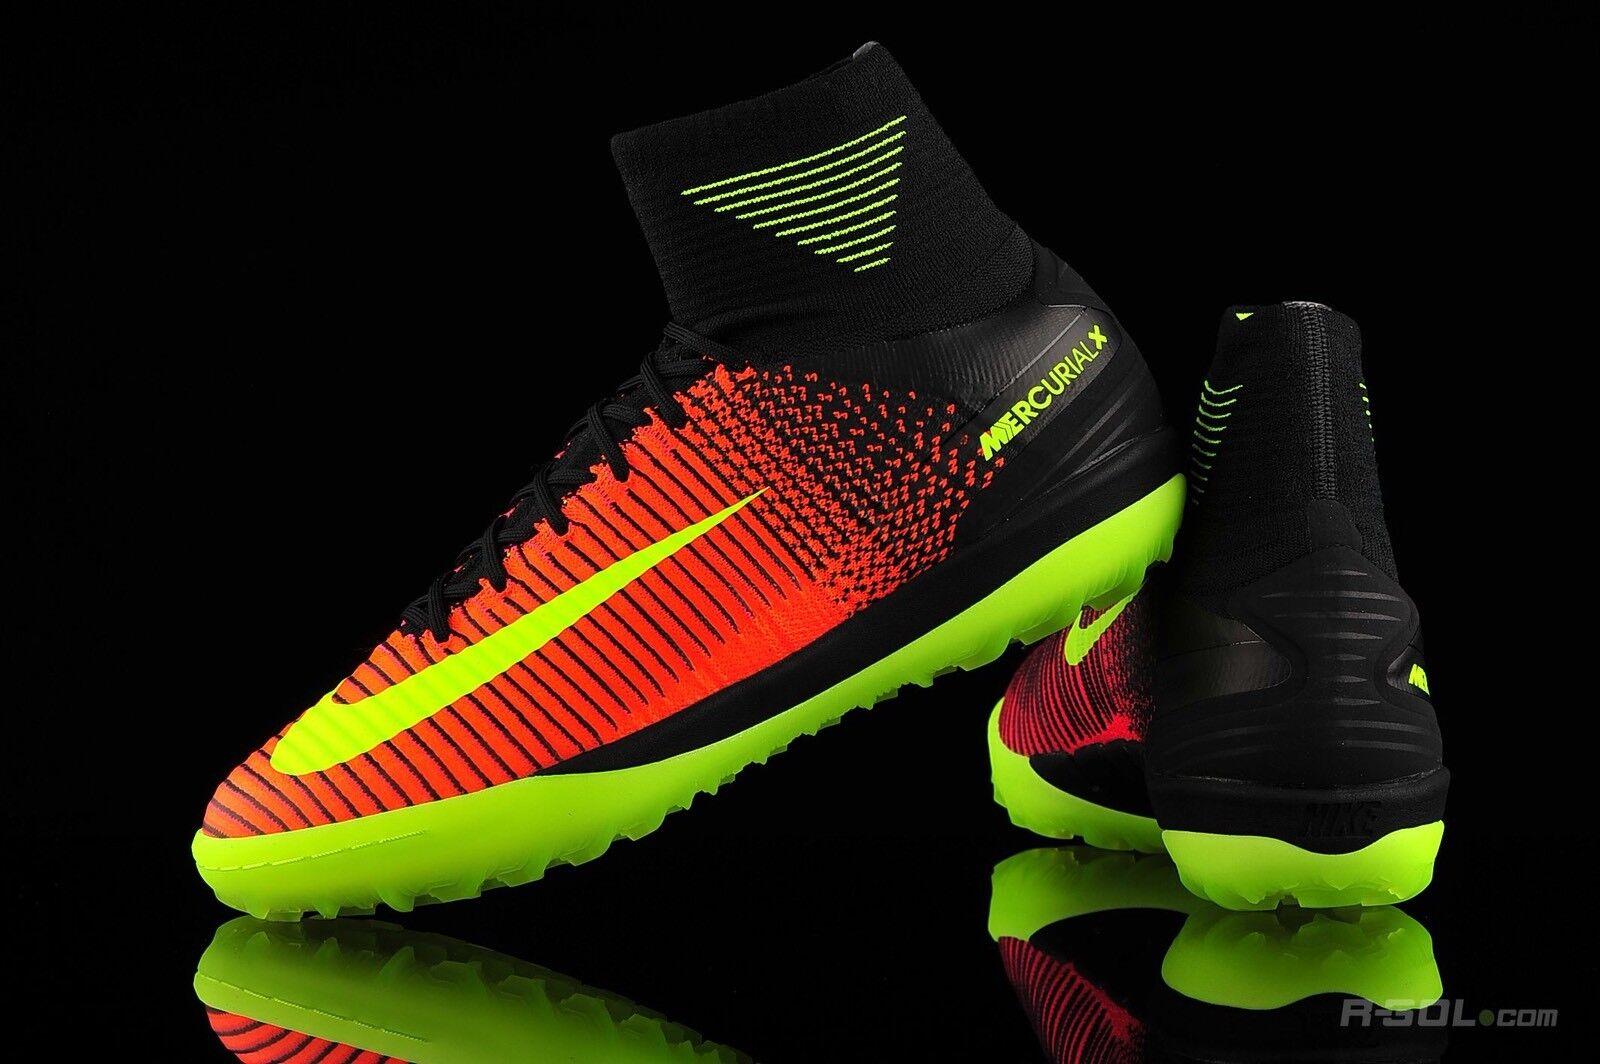 Nike MercurialX Proximo 2 Volt TF8 EU42.5 Total Crimson Volt 2 140.00 63c5f8